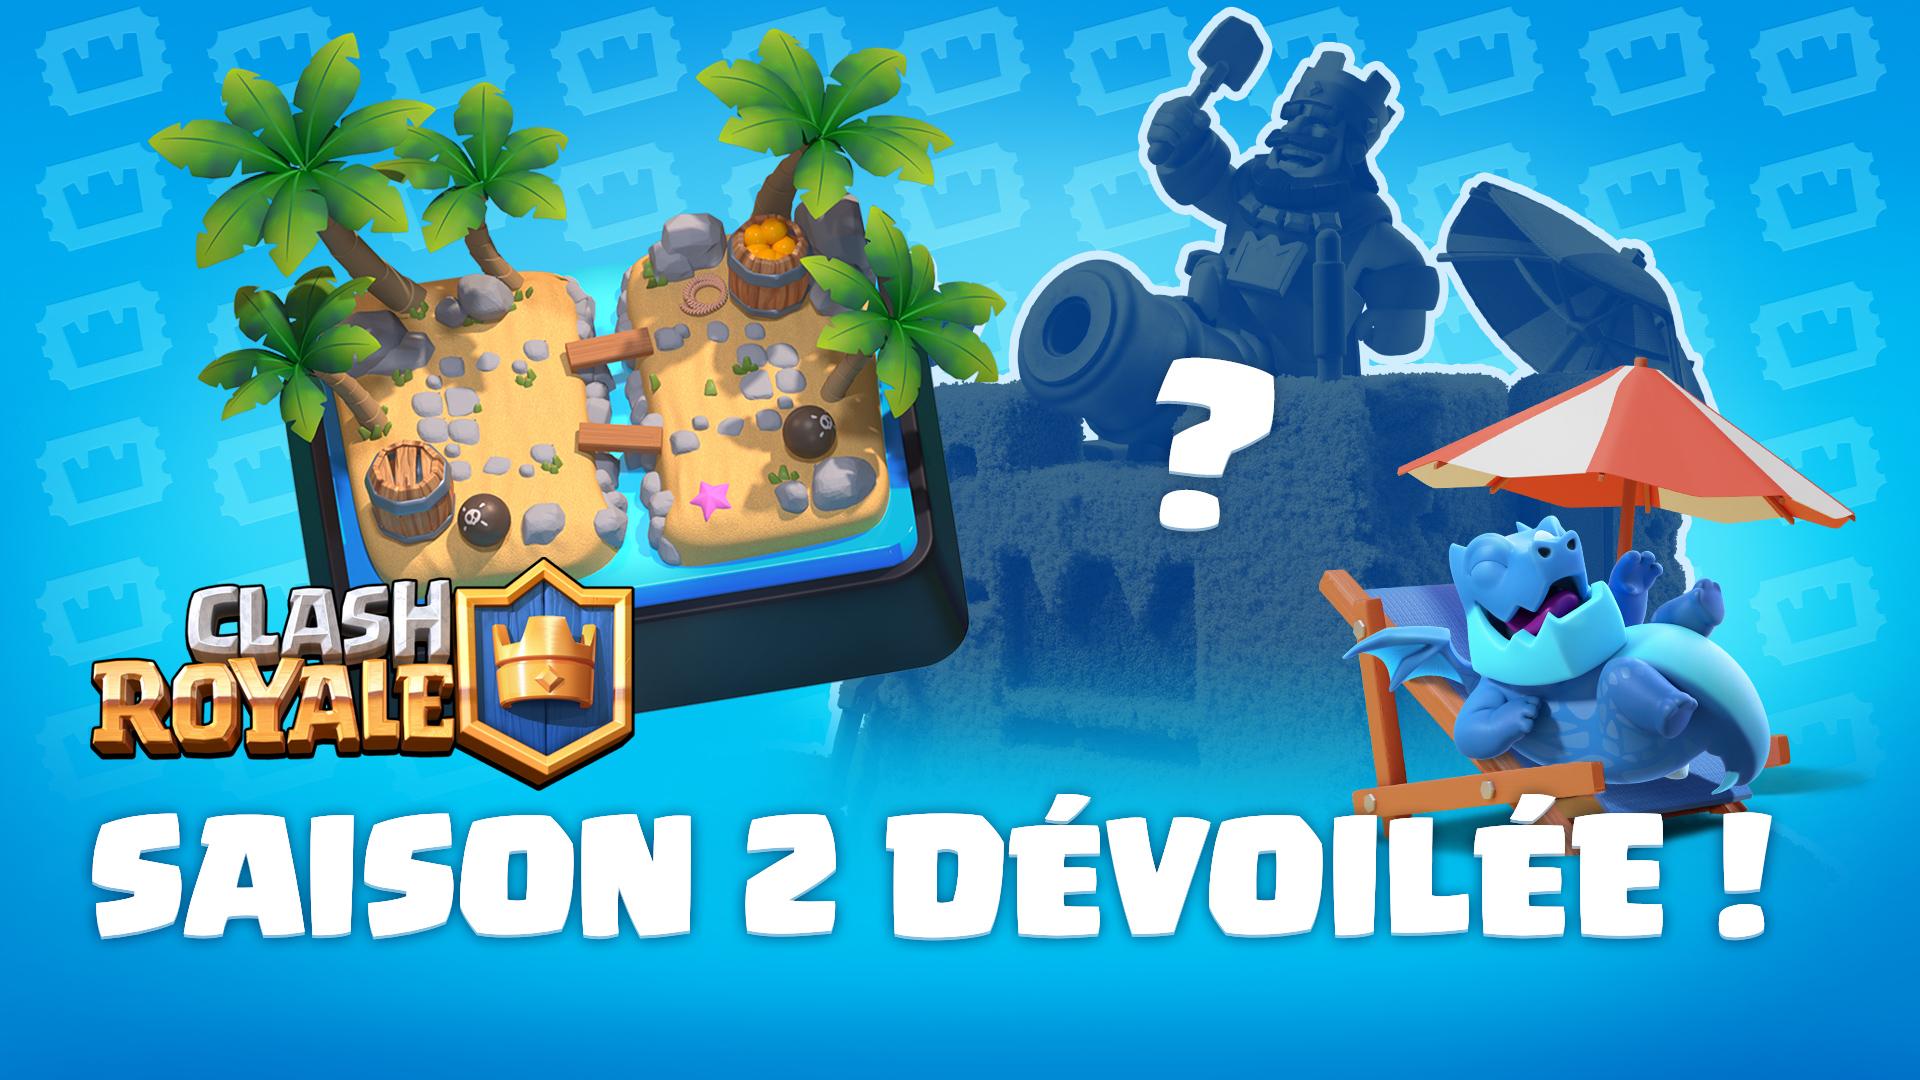 fr_tv-royale-assetstv-royale-YT-thumbnail.jpg.jpg